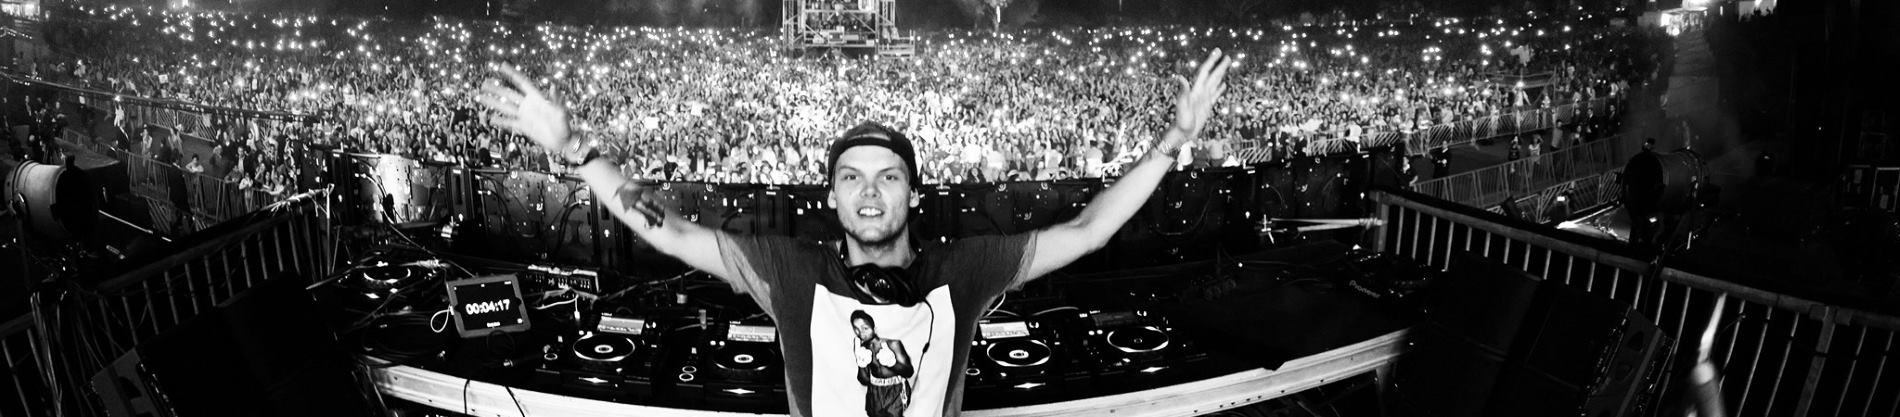 VIDEO: Posljednji pozdrav DJ Aviciiu iz Stockholma